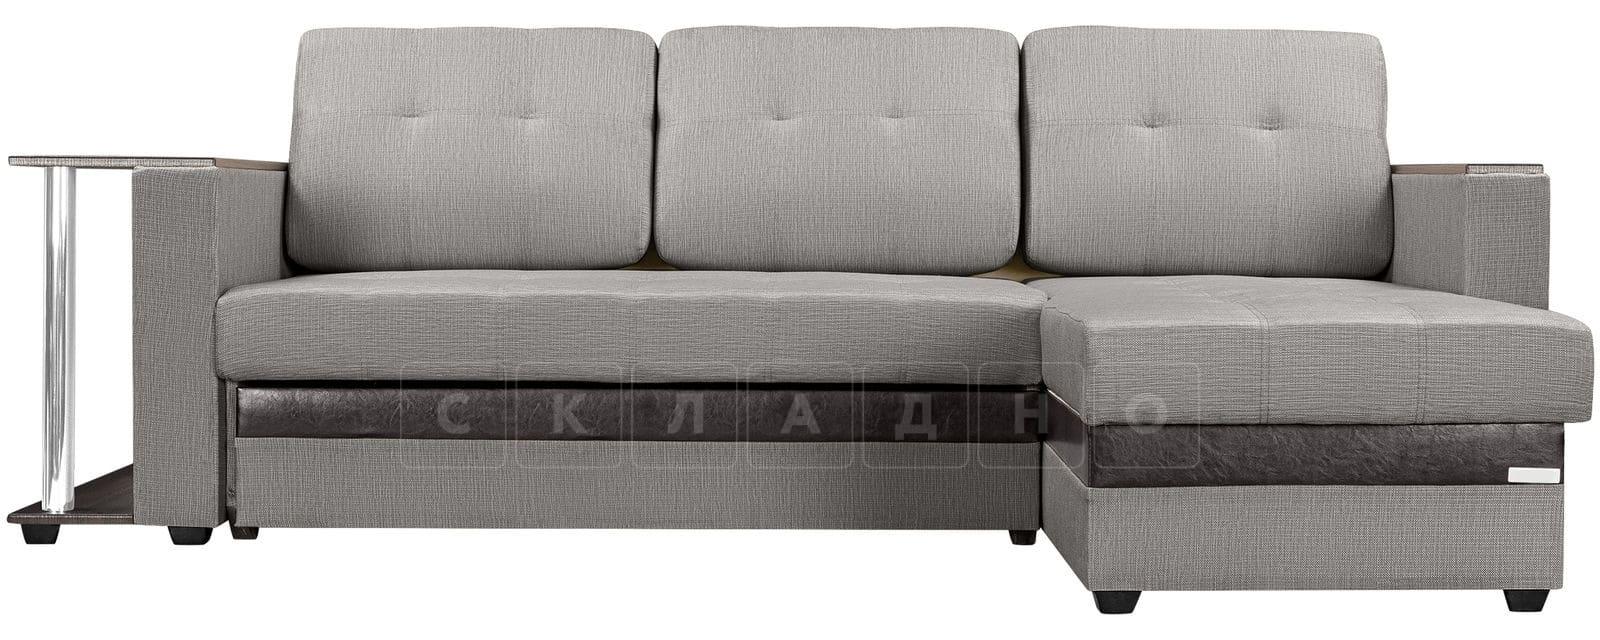 Угловой диван Атланта рогожка серого цвета фото 2 | интернет-магазин Складно